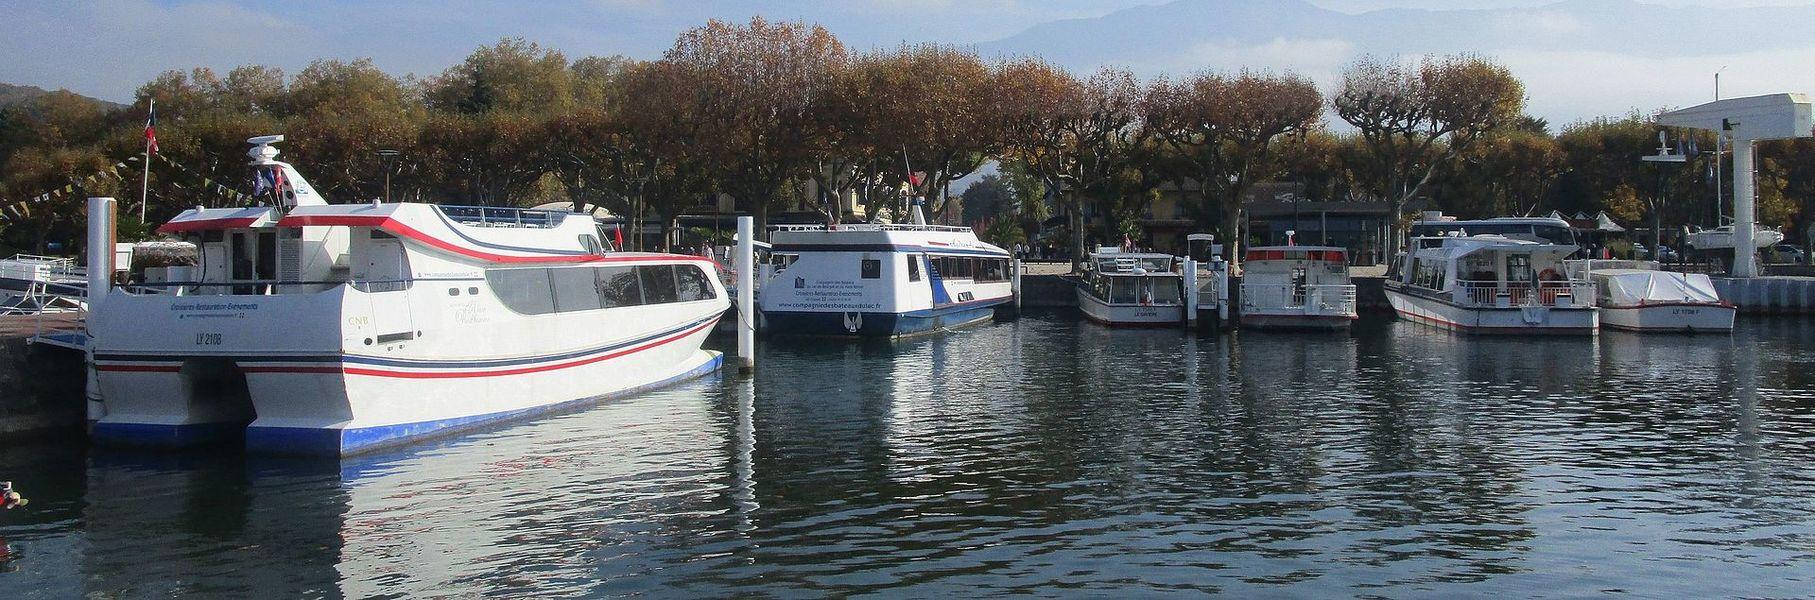 The fleet of the Compagnie des Bateaux du lac du Bourget et du Haut-Rhône at Aix-les-Bains on October 26, 2015. From left to right:* Alain Prud'homme, built in 2000 at Bordeaux* Hydra'Aix, built in 1992 at Ceys* Le Savière, built in 1983 at Villers-le-Lac* Aix'Space, built in 1986 at Saint-Gilles* Hélios, built in 1986 at Chambéry* L'Étoile, built in 1961 at La Seyne-sur-Mer